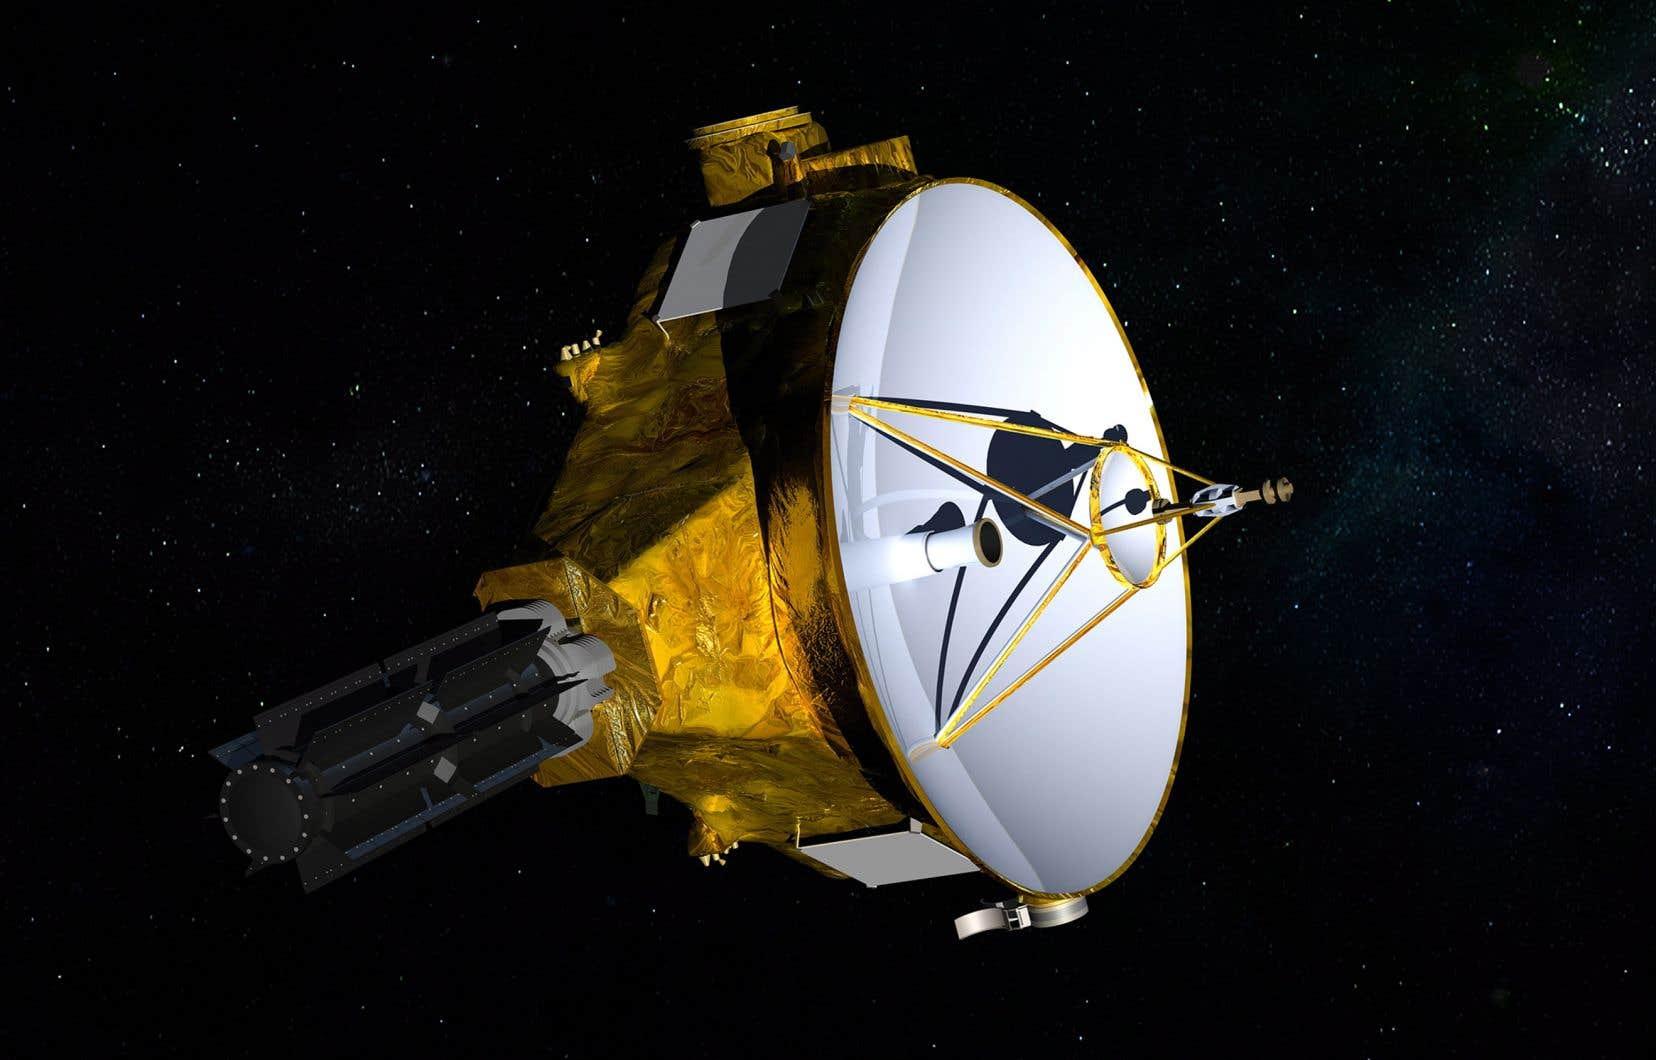 La sonde New Horizons de la NASA